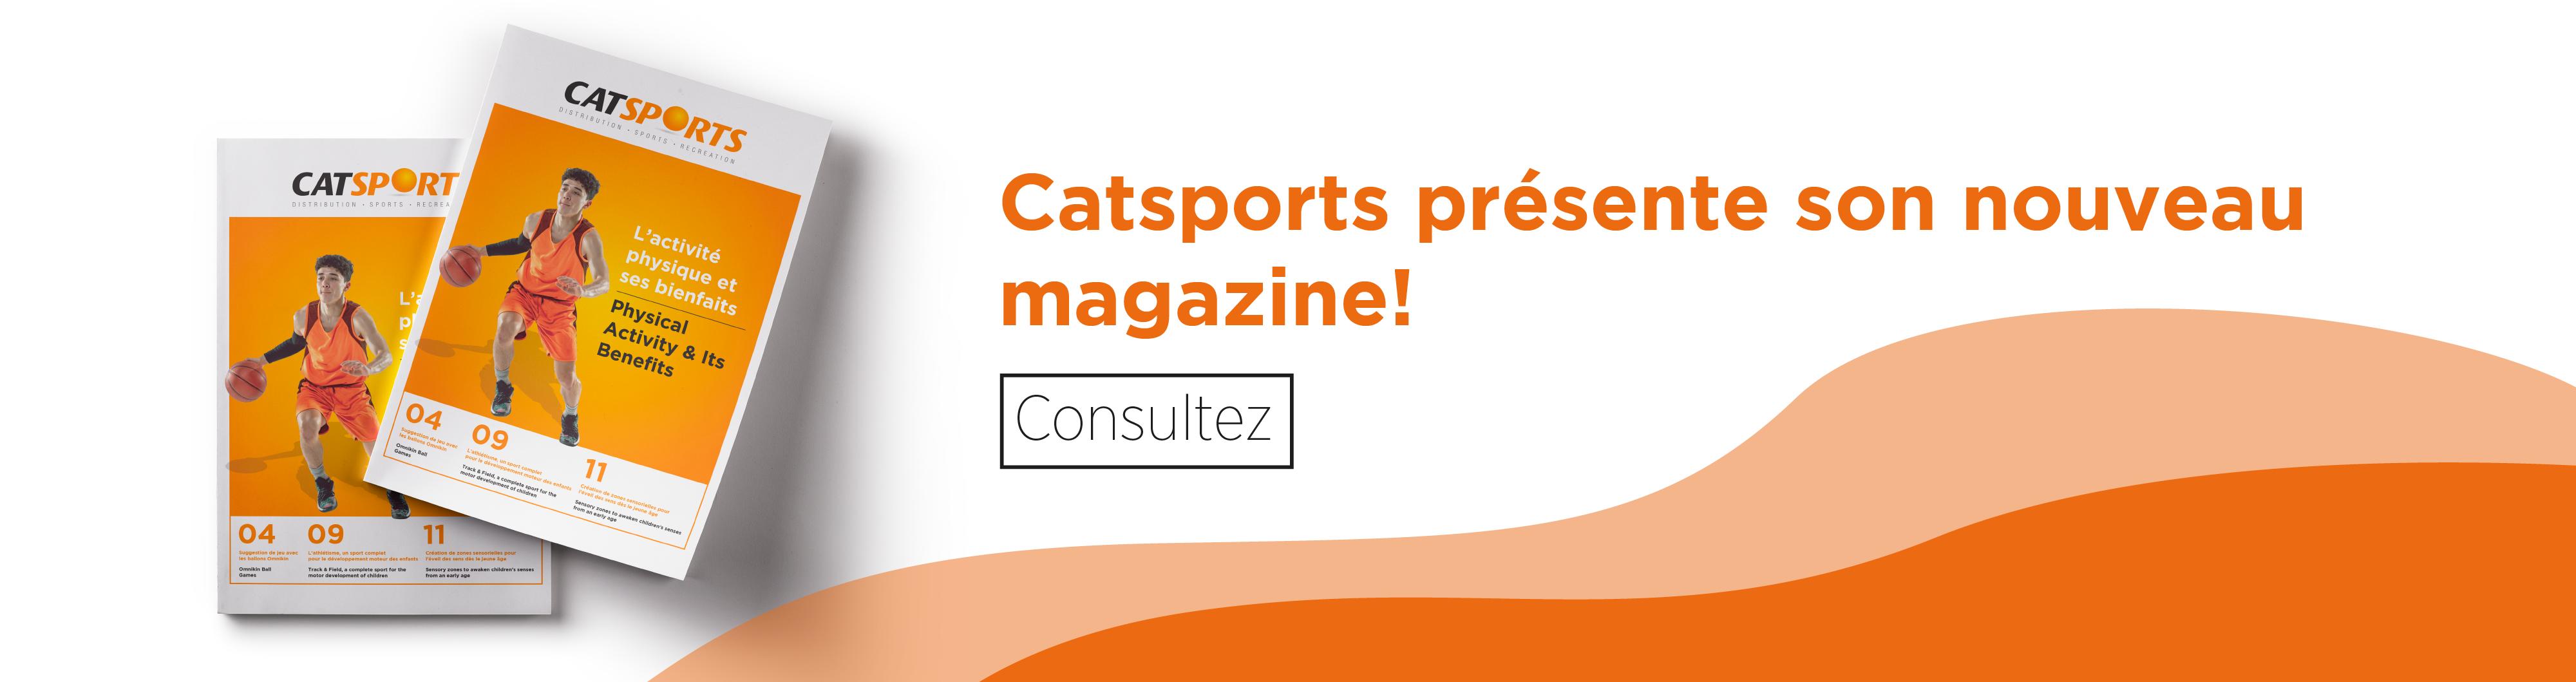 Banniere_MagazineCatsports-01